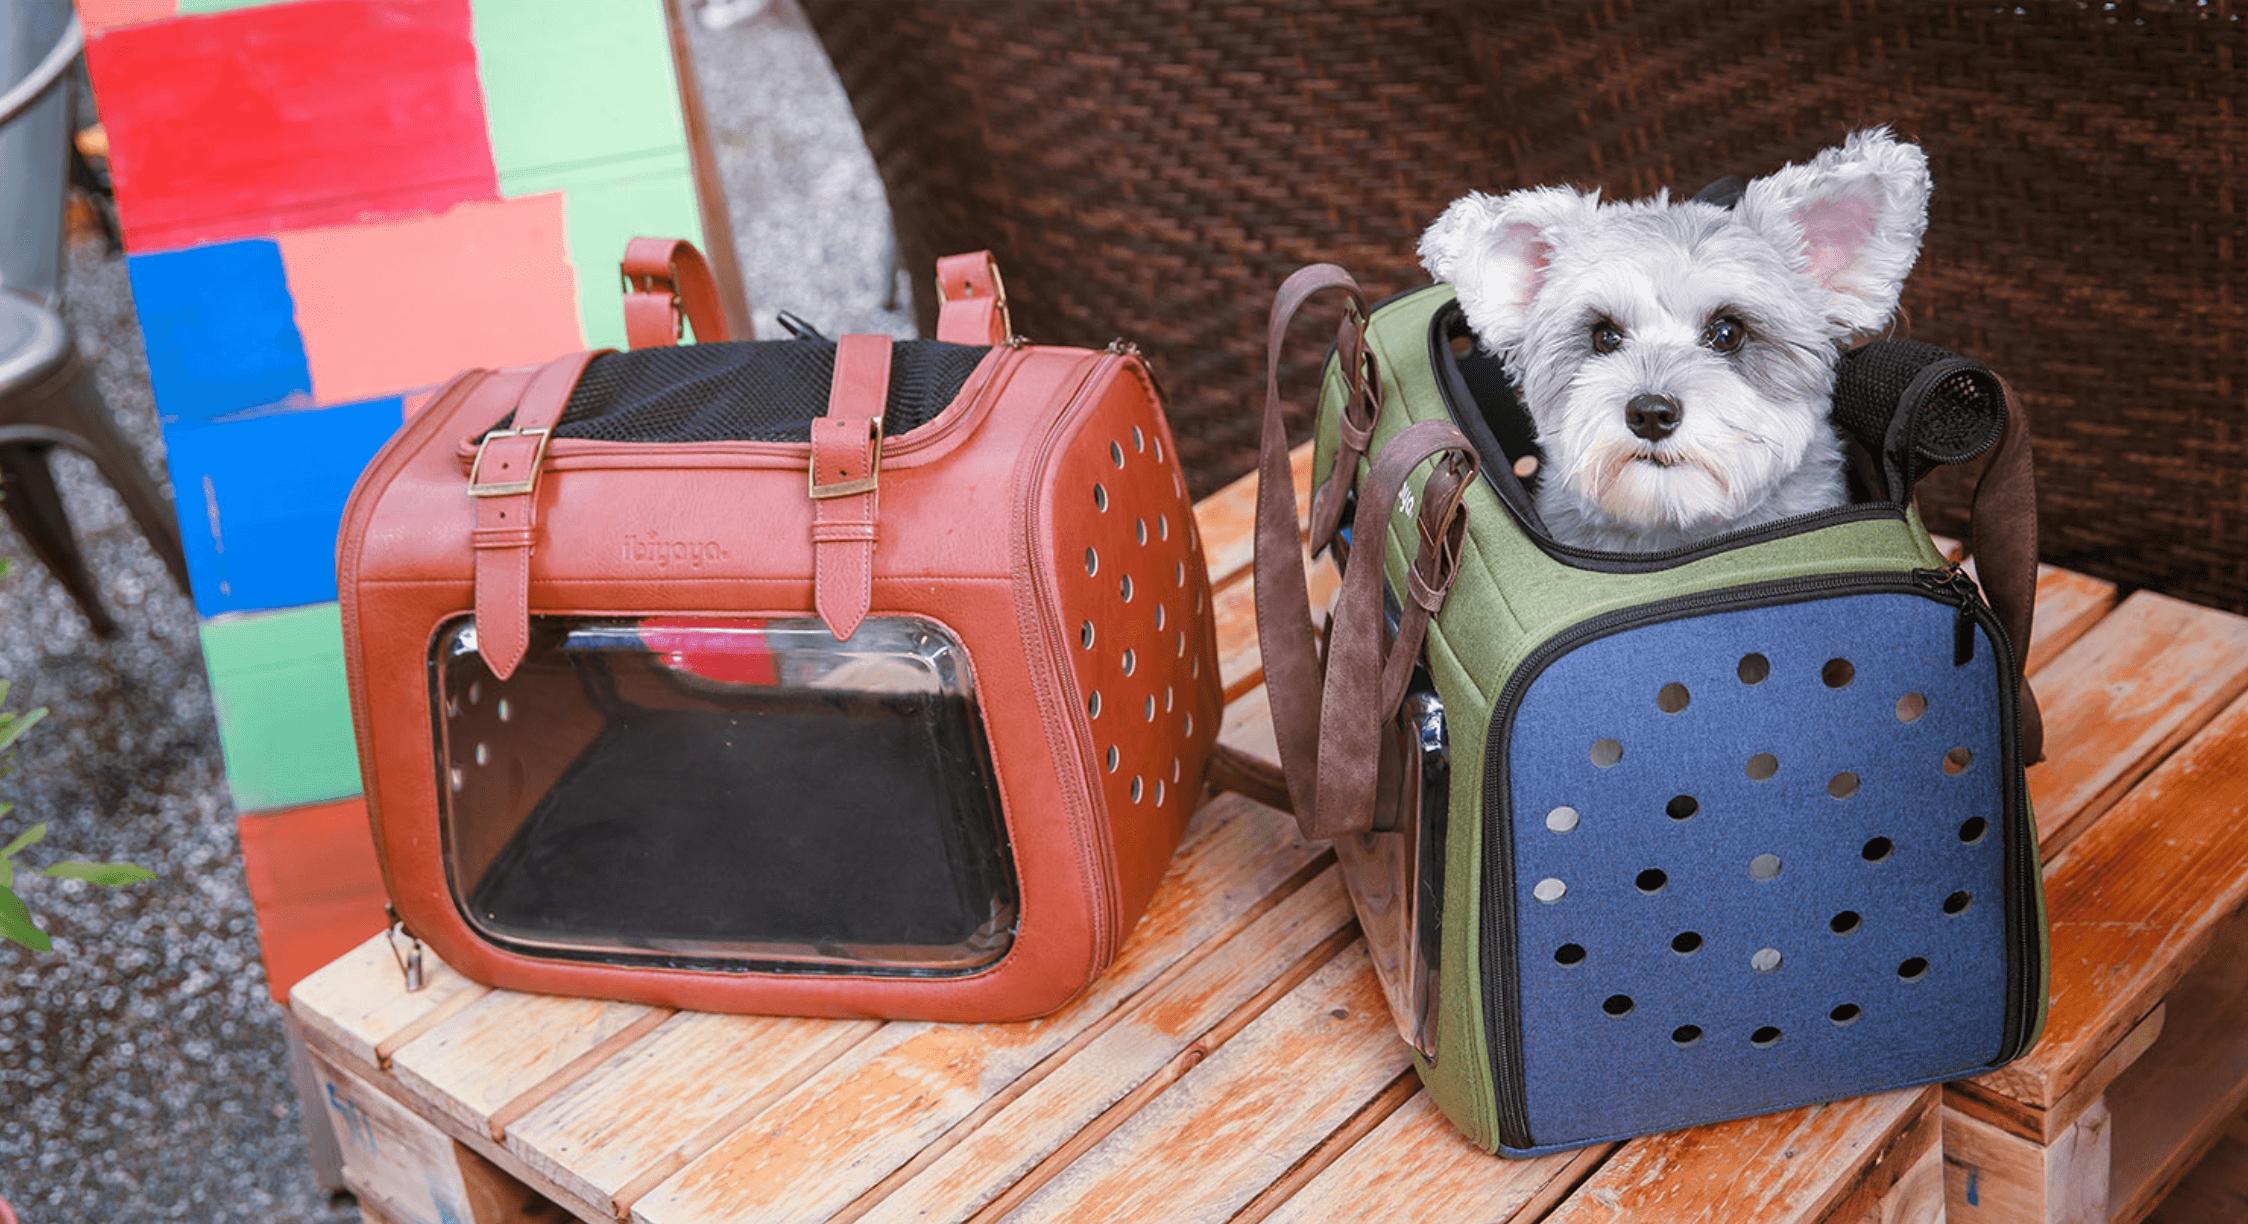 Hundetasche für die Flugkabine im Flugzeug